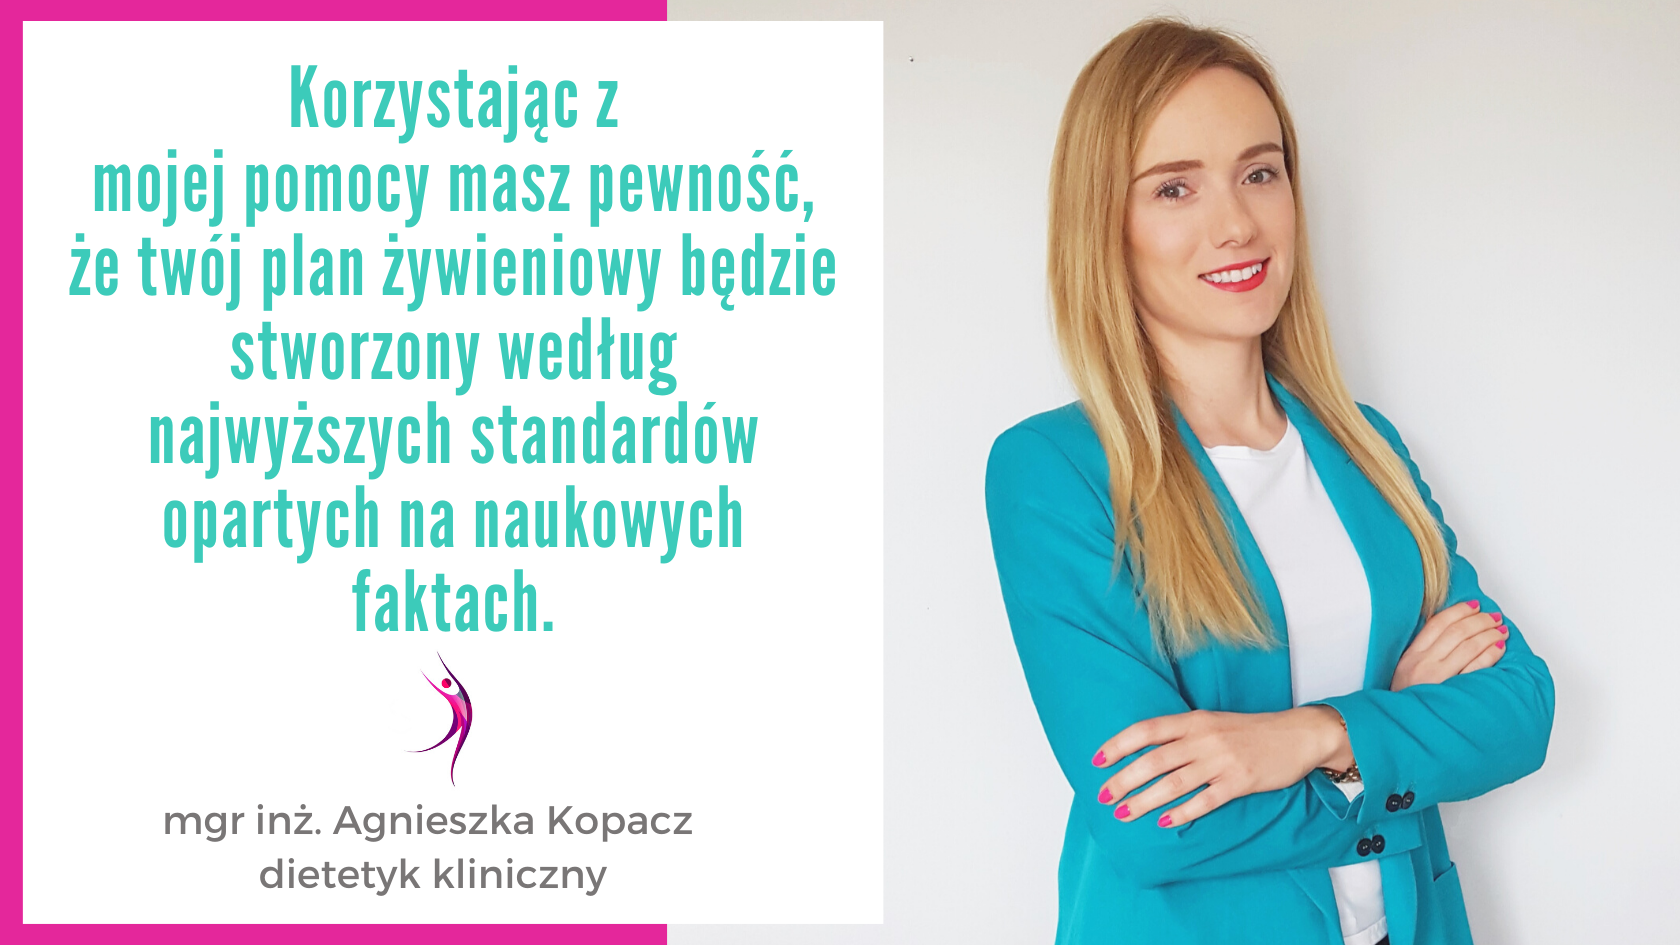 dietetyk kliniczny Warszawa